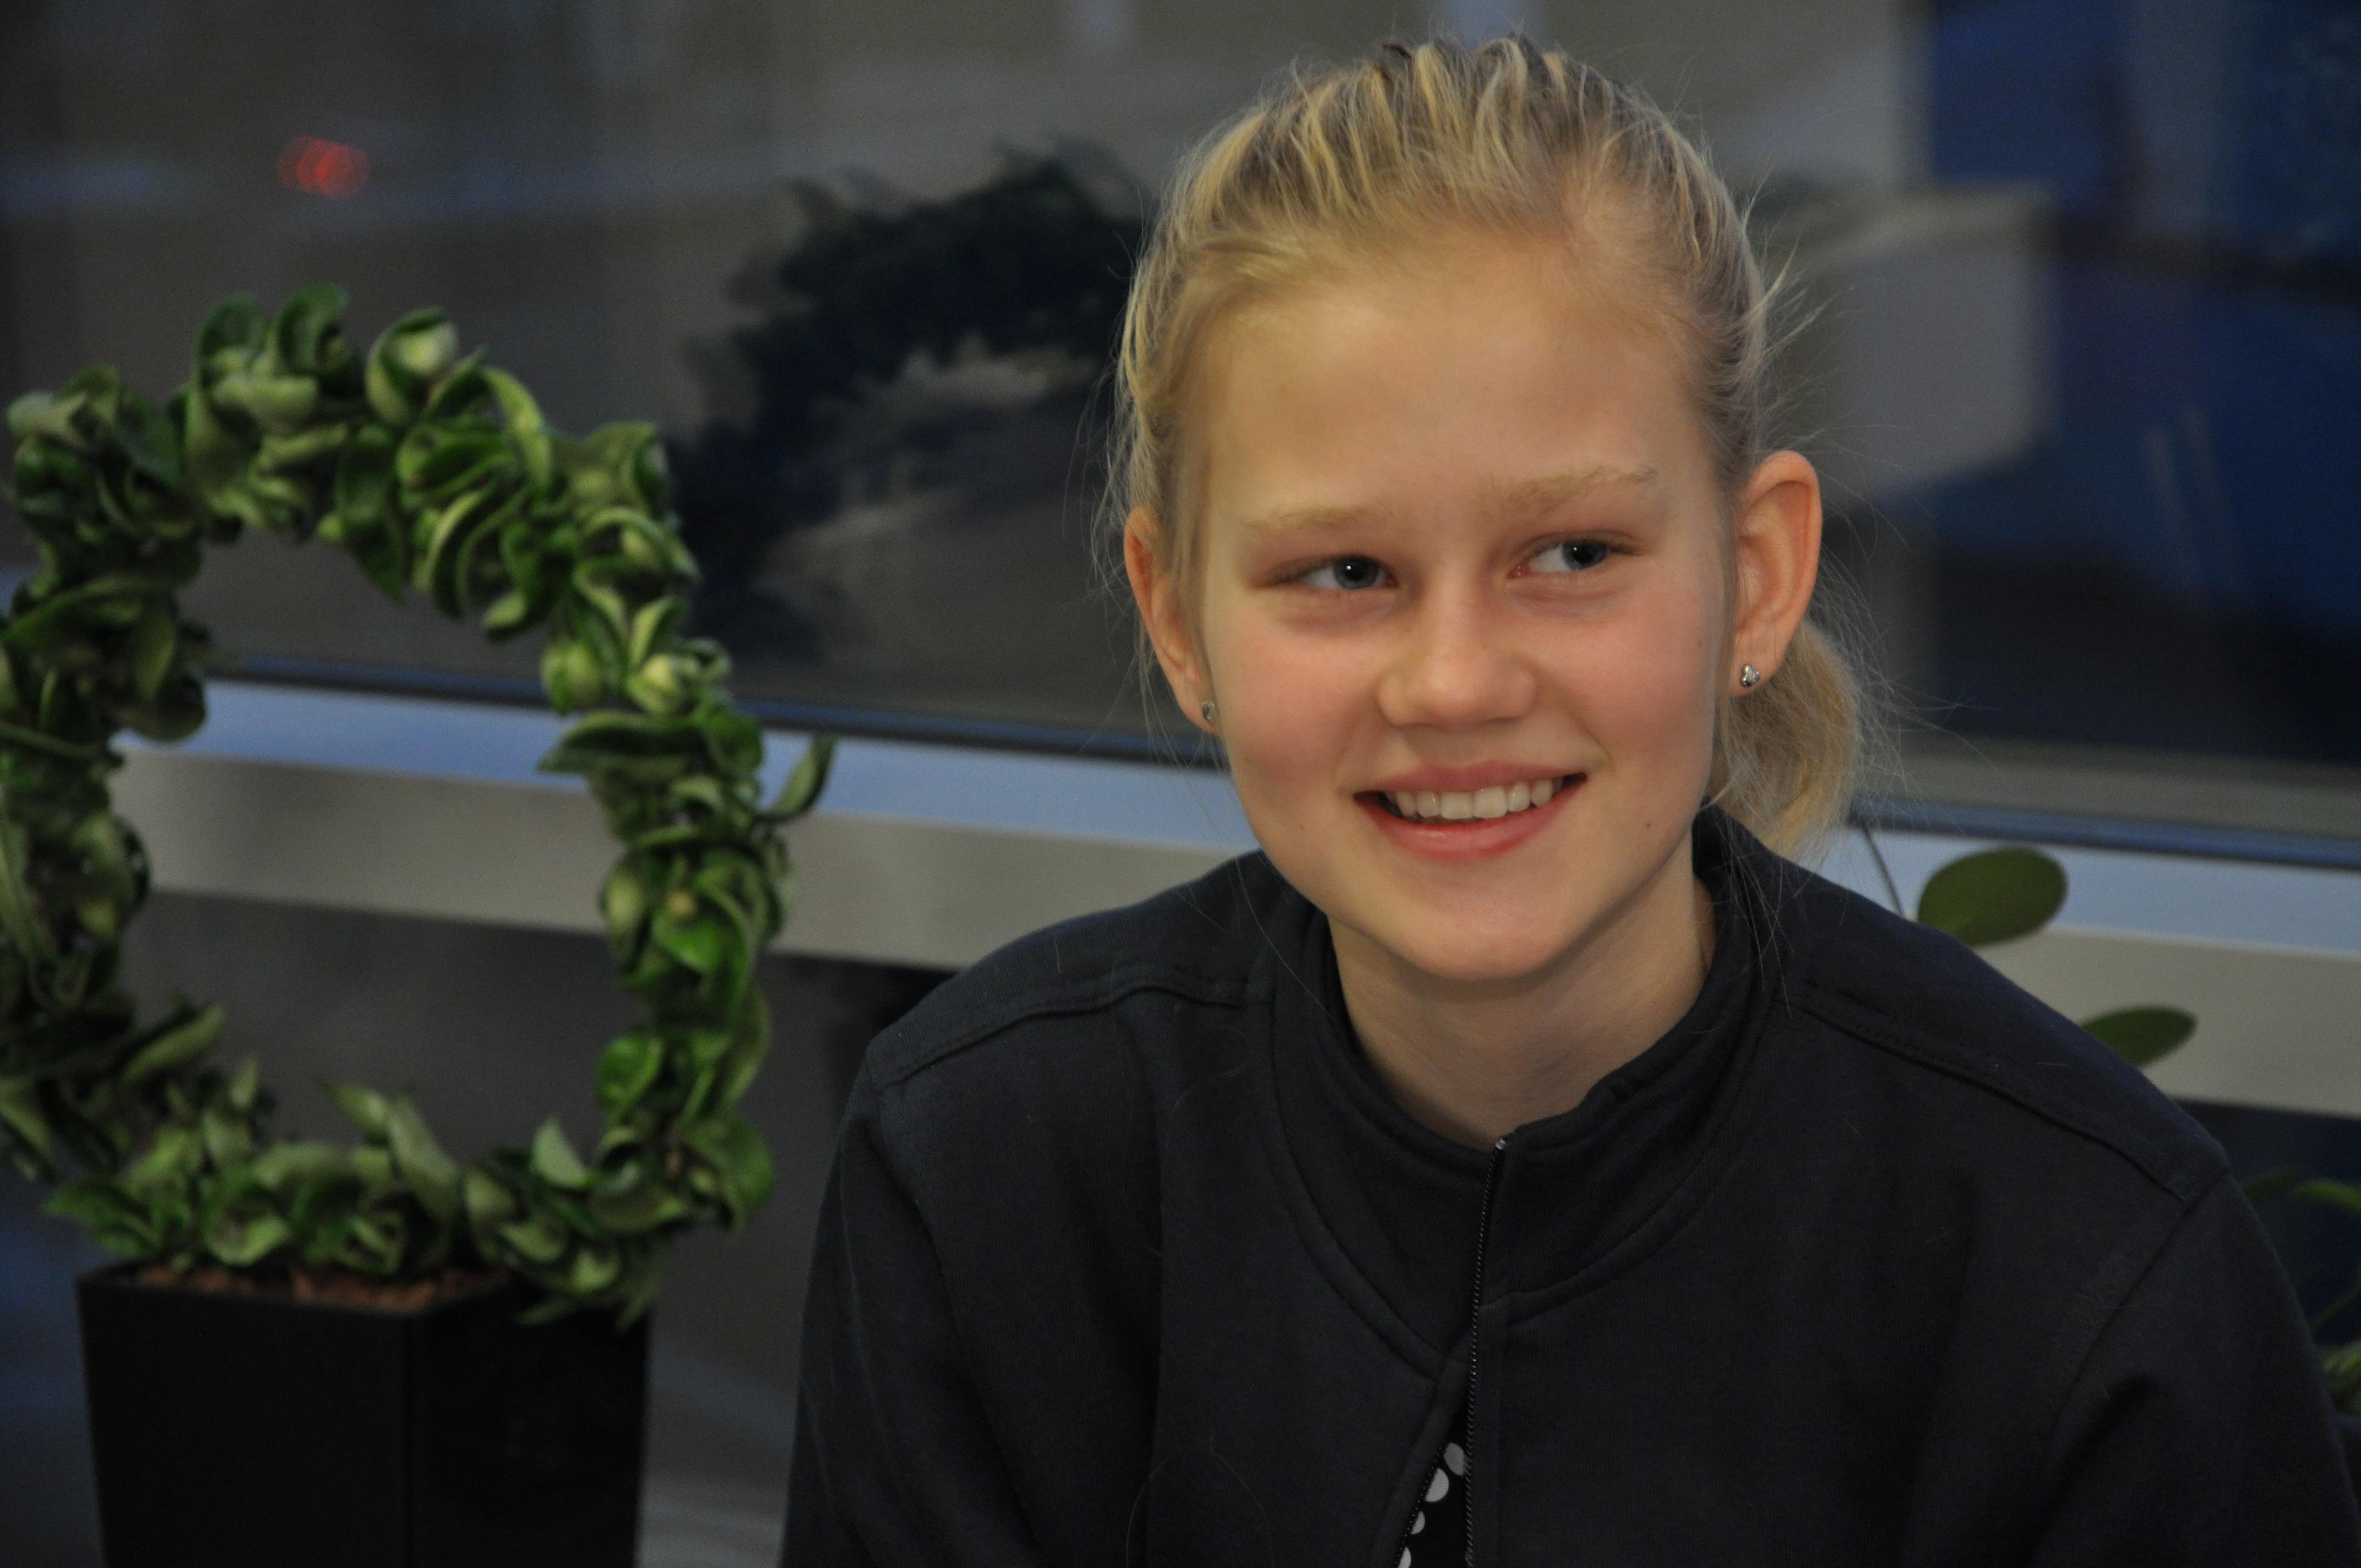 Else-Kathrinie Johansen, Smidstrup-skærup skole vejle, Ordblindepatruljen